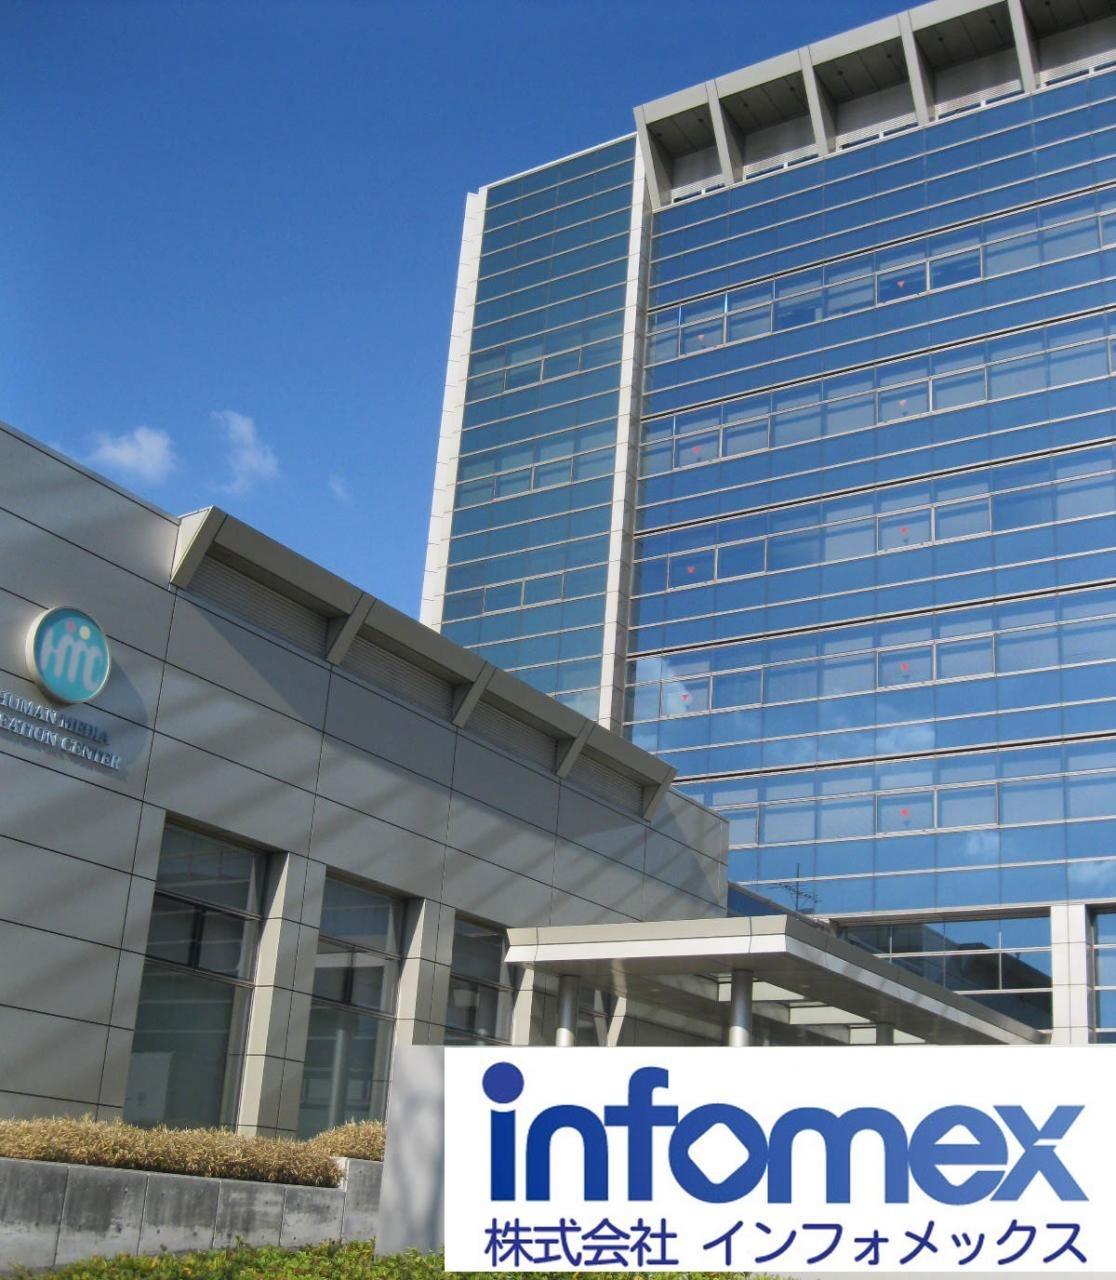 株式会社インフォメックス/【システムエンジニア】北九州で地域密着のシステム開発!幅広い業務で力を発揮できます!